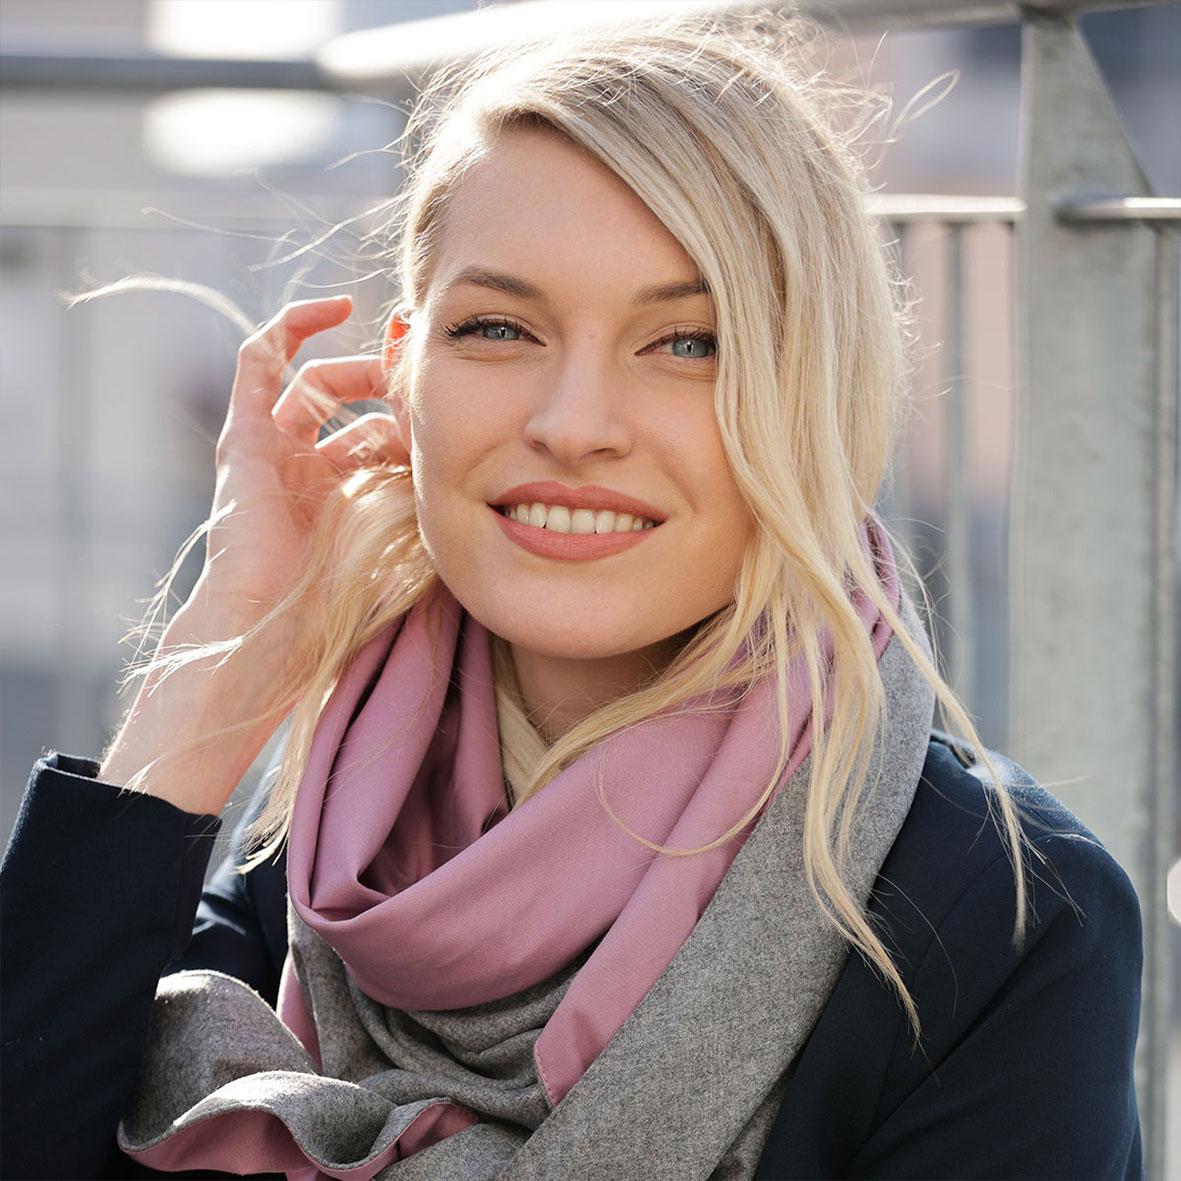 Schultertuch aus Merinowolle, Dreieckstuch für Damen zum Binden, Wollschal, Herbstlooks, Loden aus Österreich